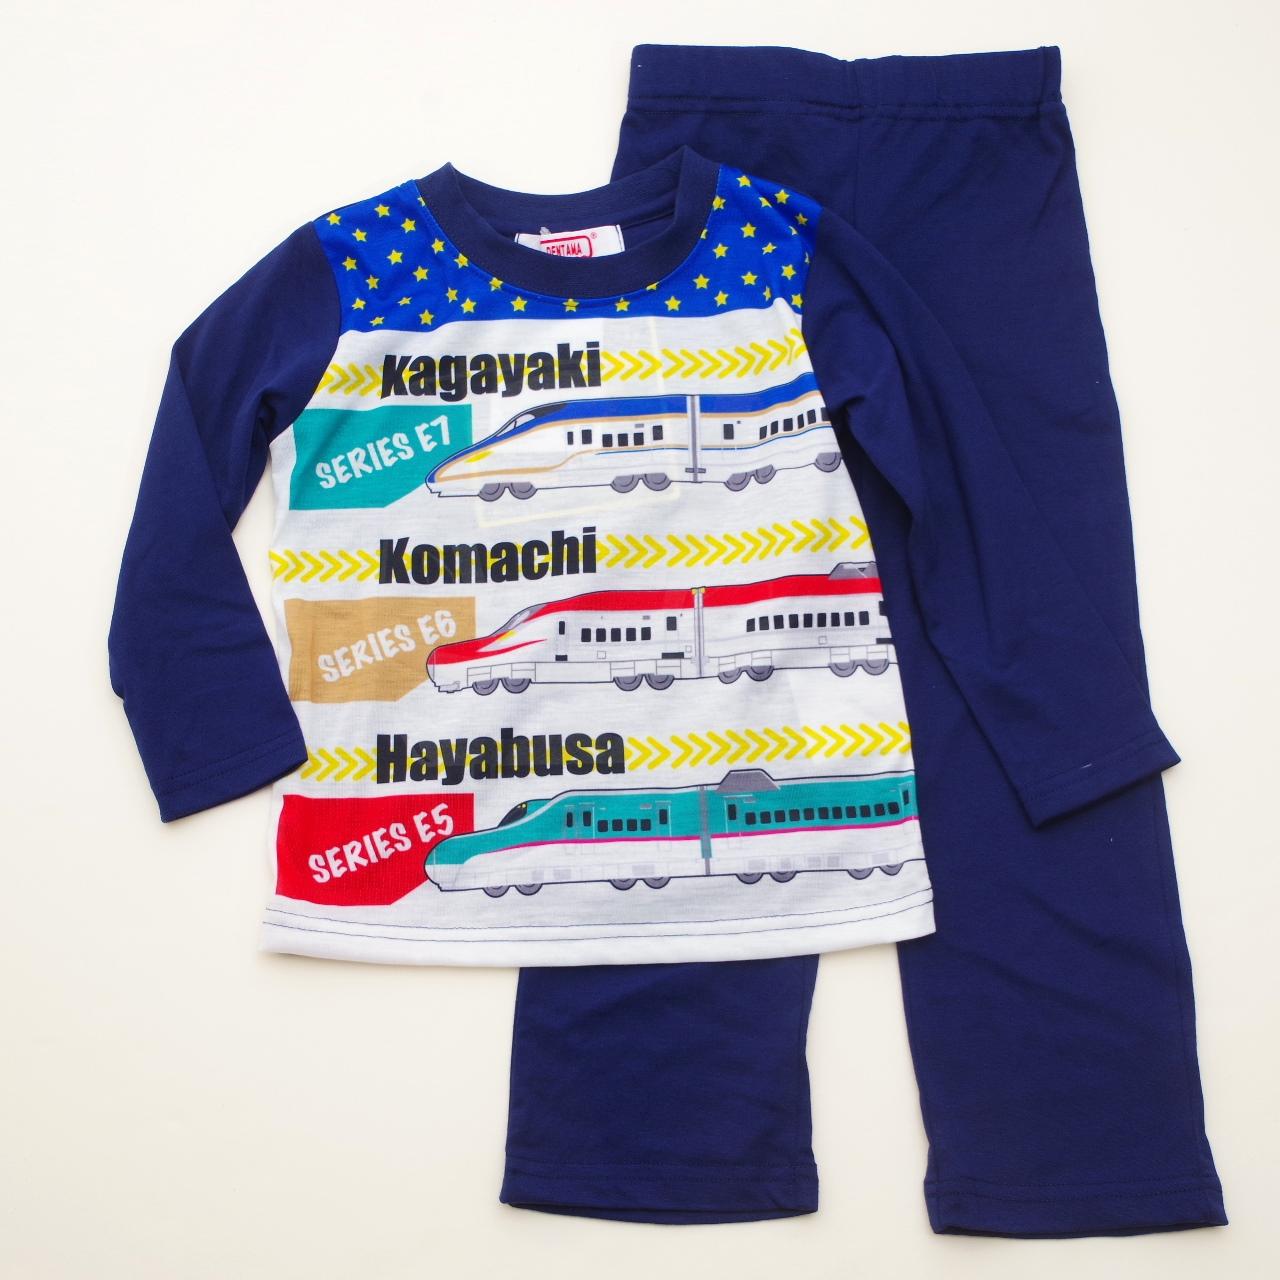 でんたま(新幹線) 光る長袖Tシャツパジャマ 100-130cm (832DT108113)